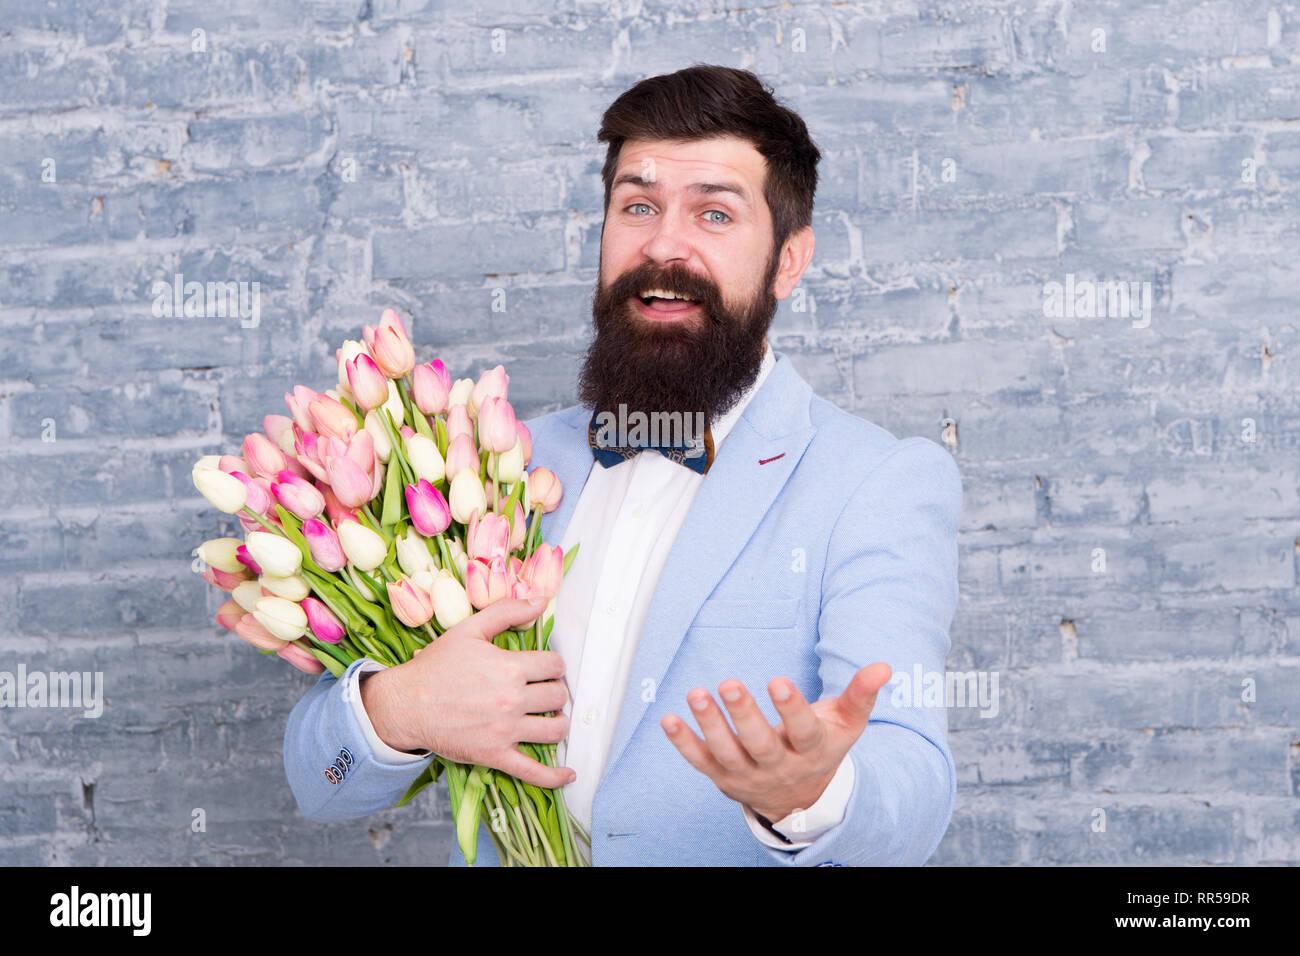 Geburtstagsgeschenke für einen Kerl Ihre Dating